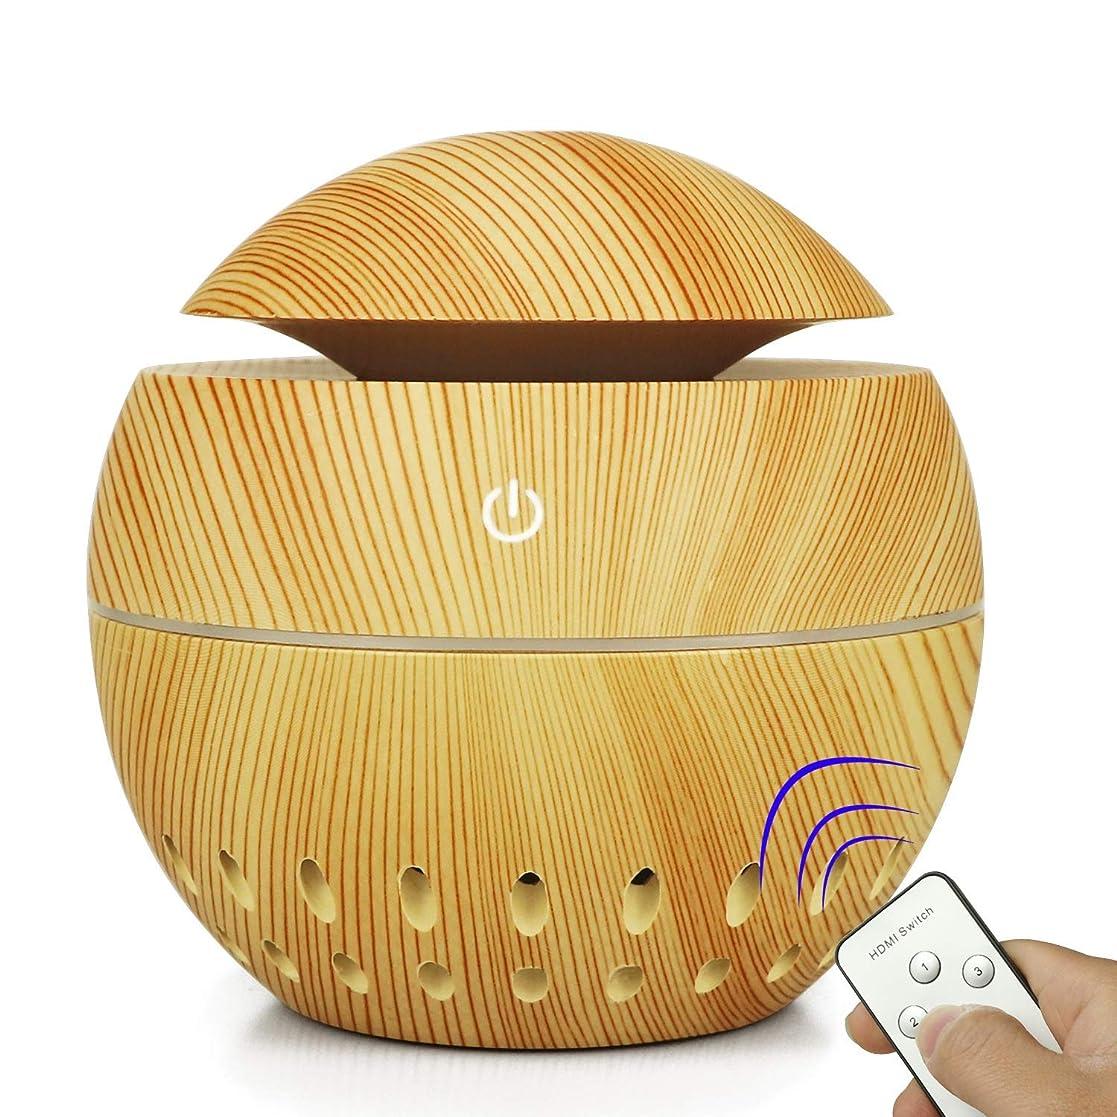 考える免疫より加湿器USBウッドグレイン中空加湿器きのこ総本店小型家電 (Color : Brass, Size : 100MM*105MM)